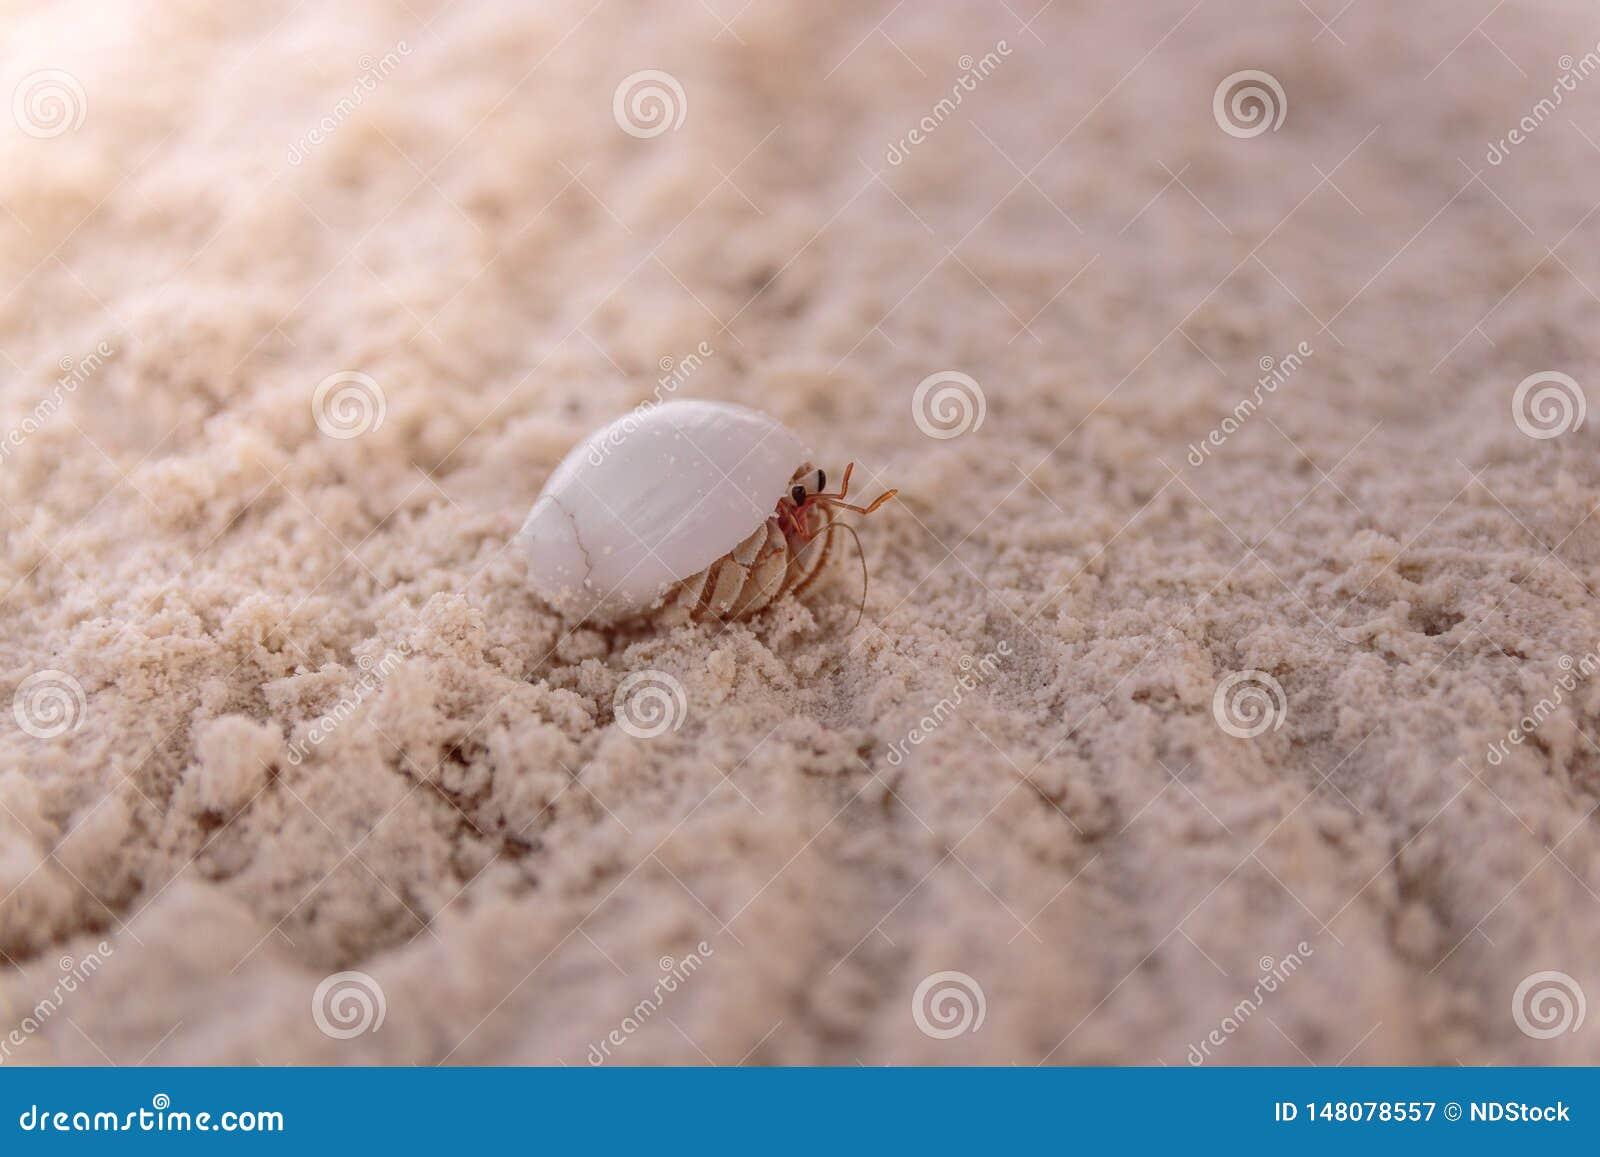 Feche acima de um caranguejo na concha do mar que anda na areia branca clara